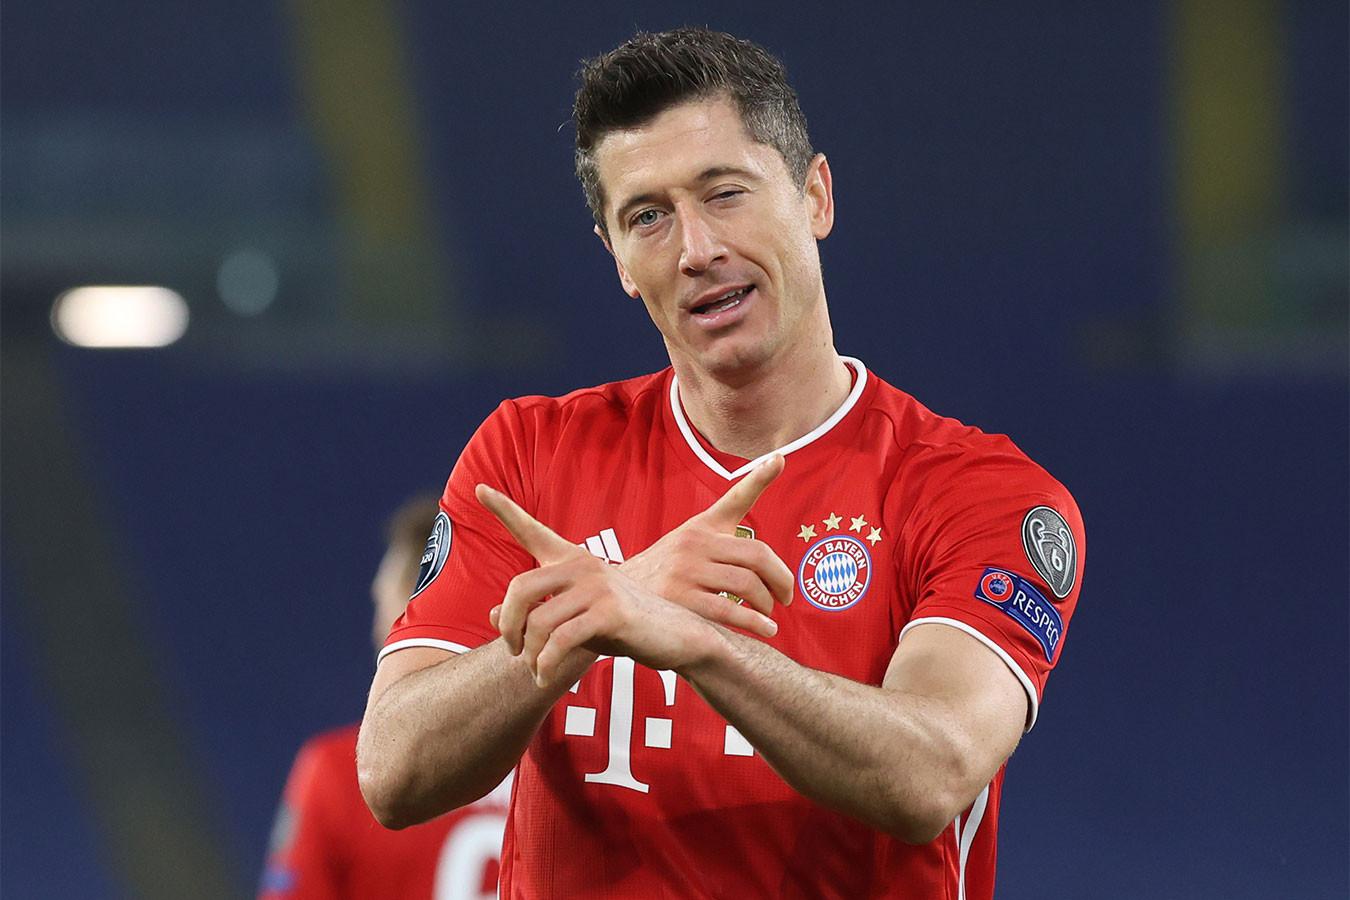 Левандовски превзошёл Рауля и вышел на третье место в списке бомбардиров Лиги чемпионов